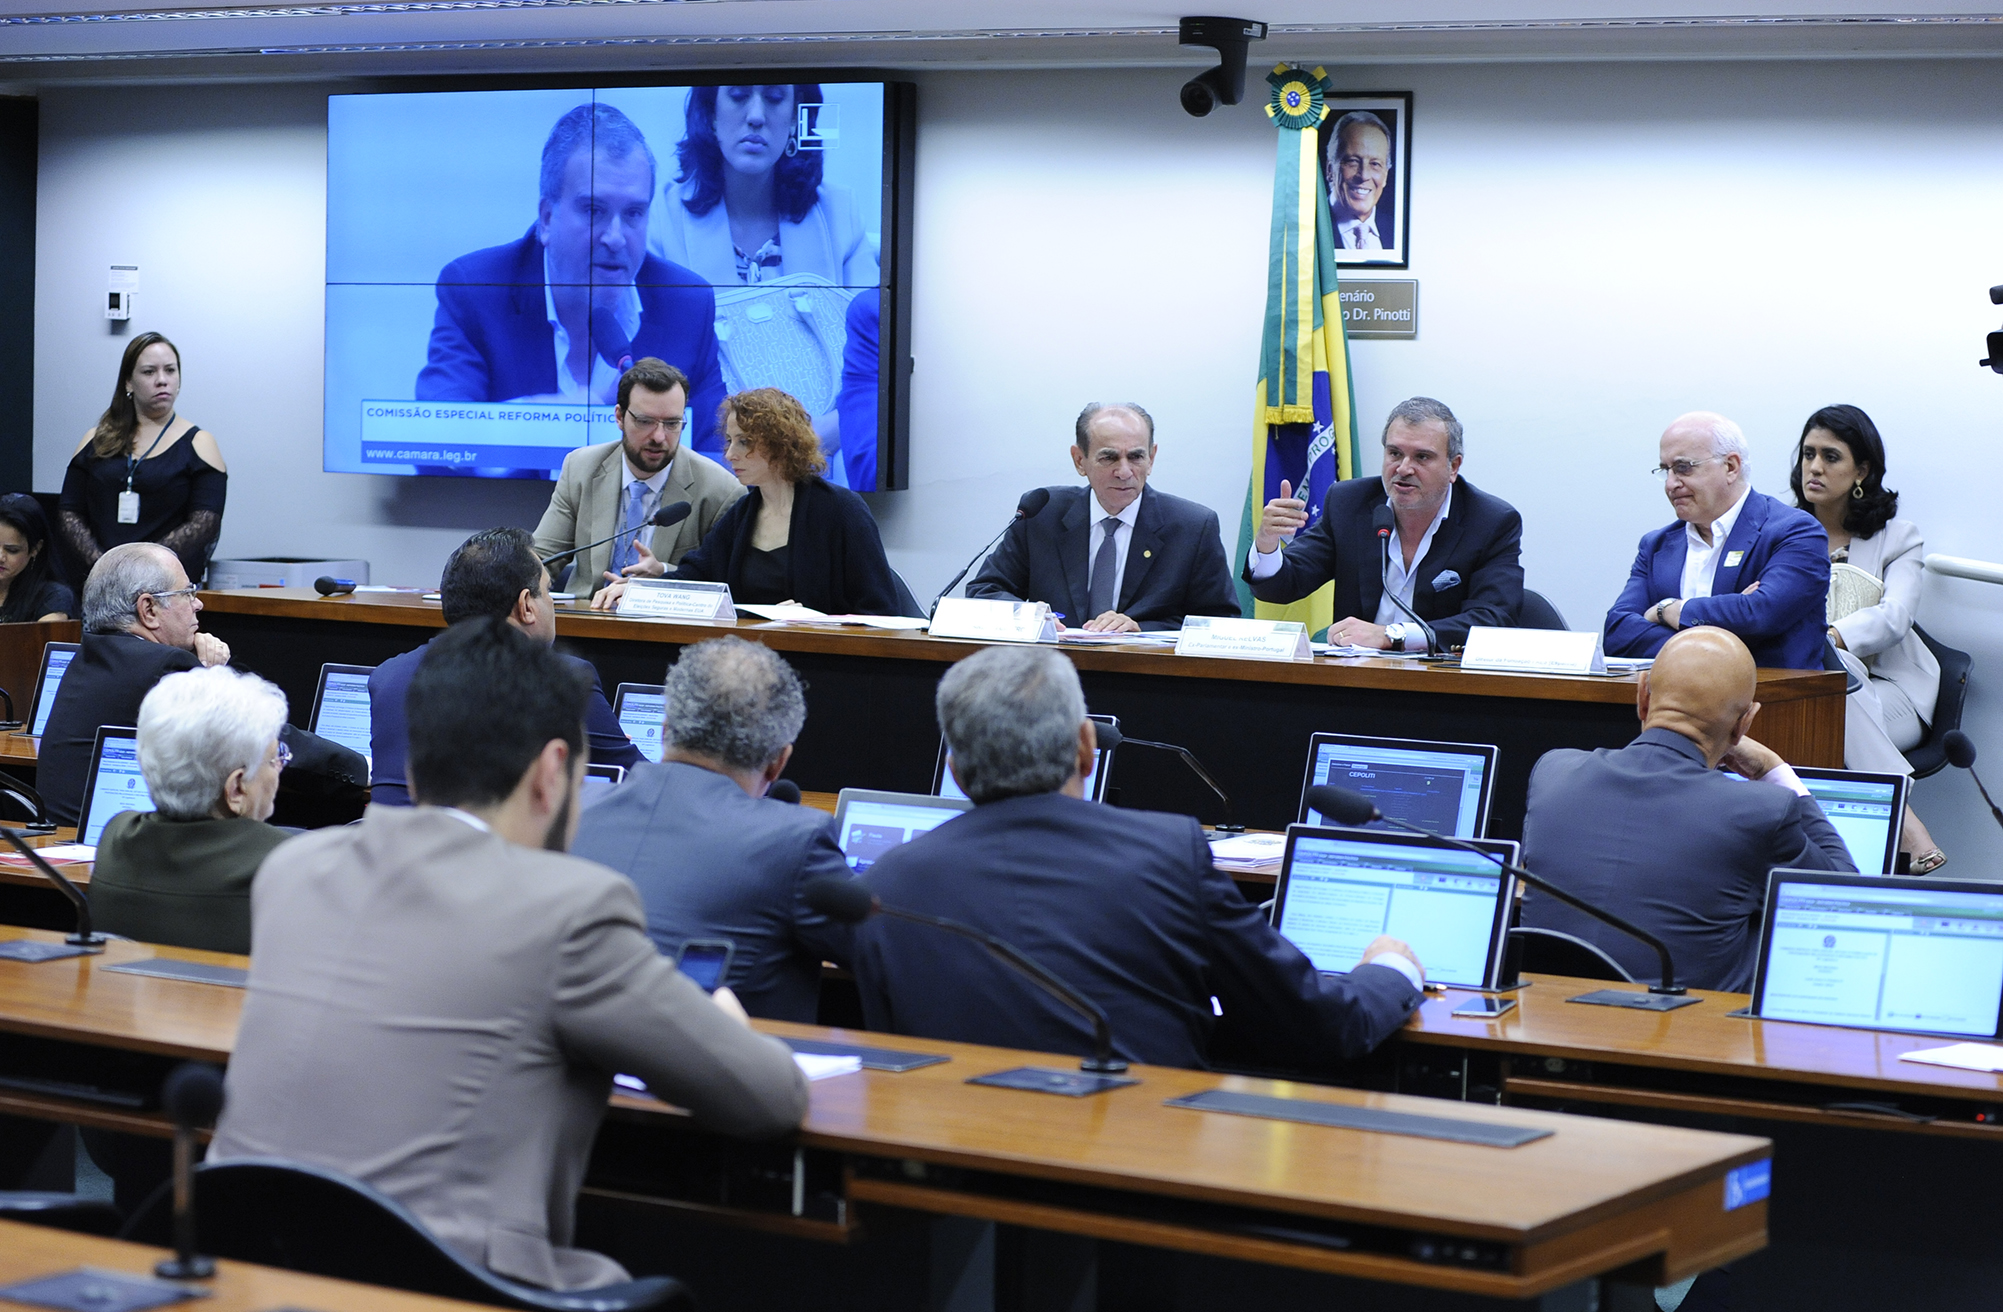 Comissão Especial para análise, estudo e formulação de proposições relacionadas à Reforma Política - Mesa Redonda